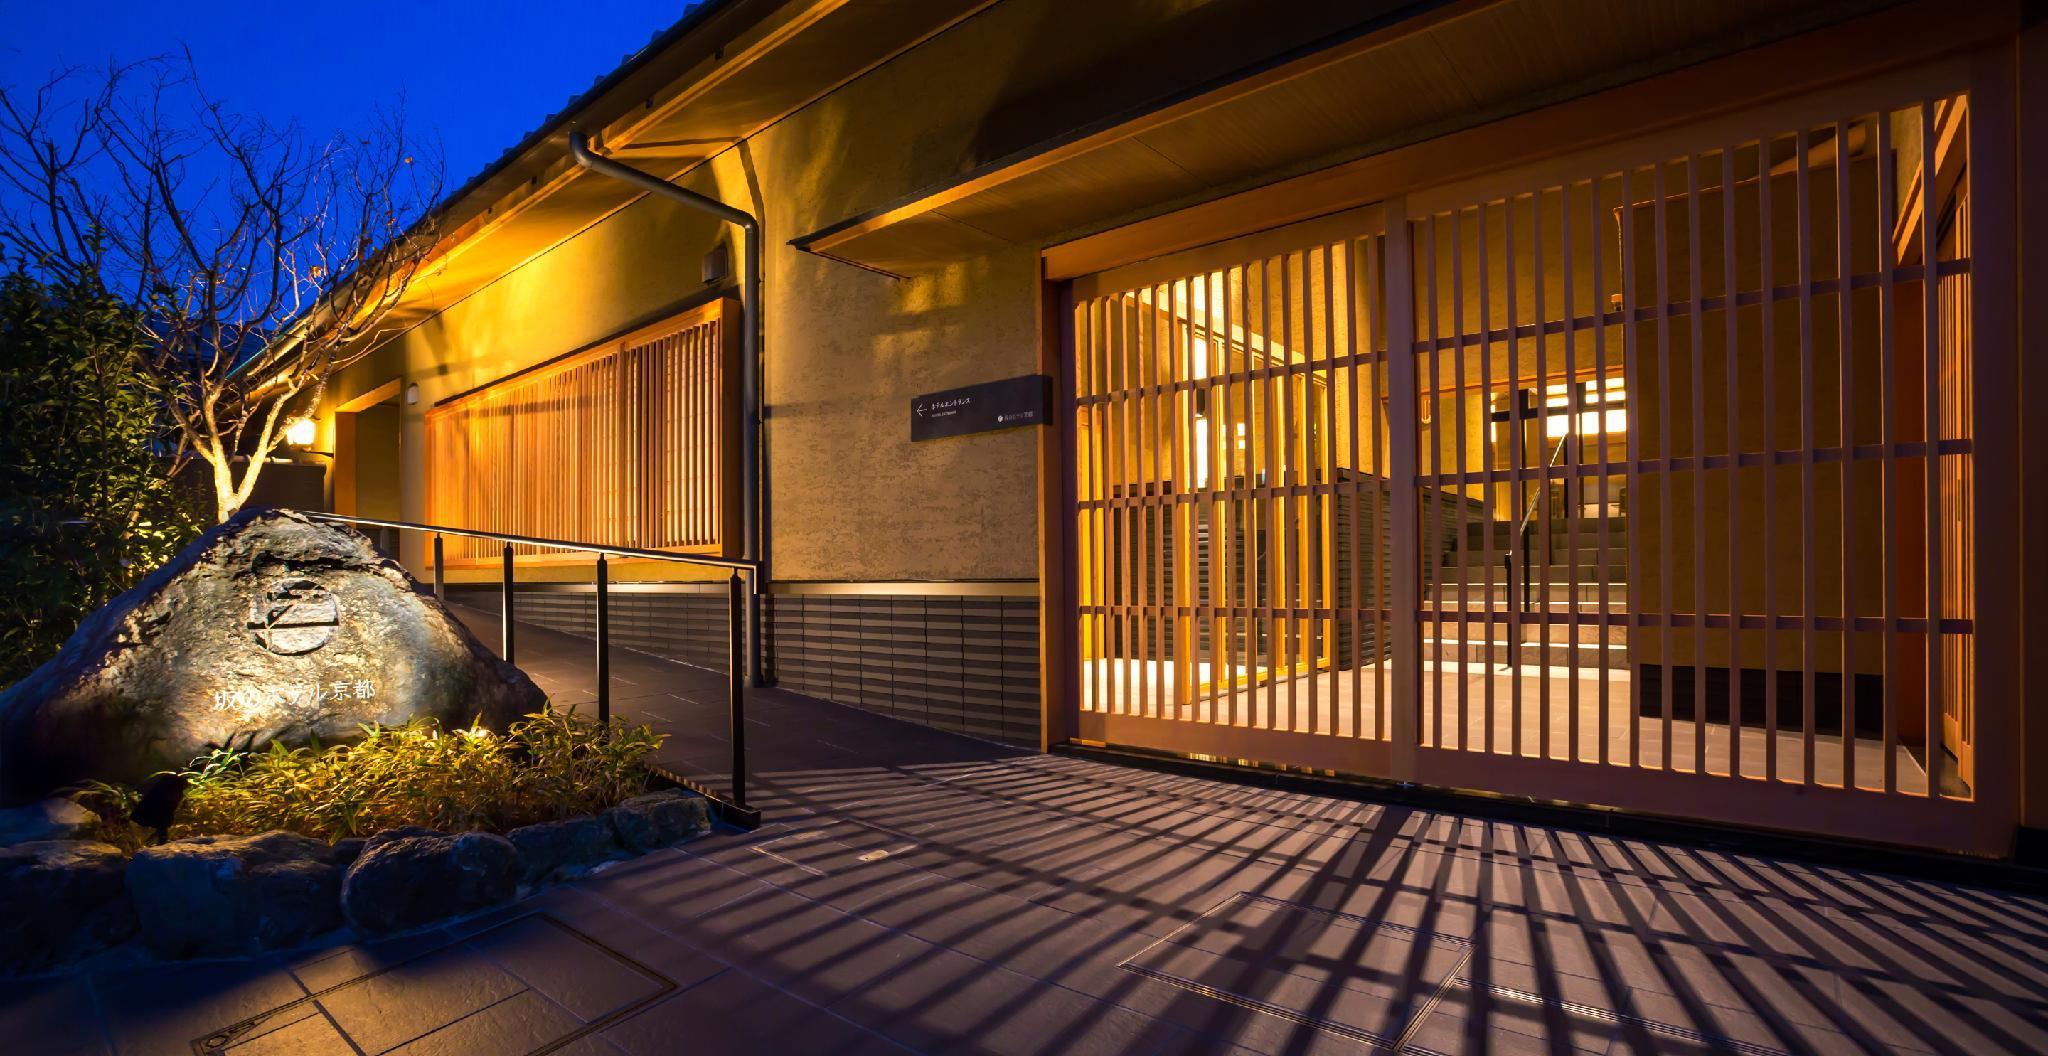 Japanilaiset suku puoli Hotellit